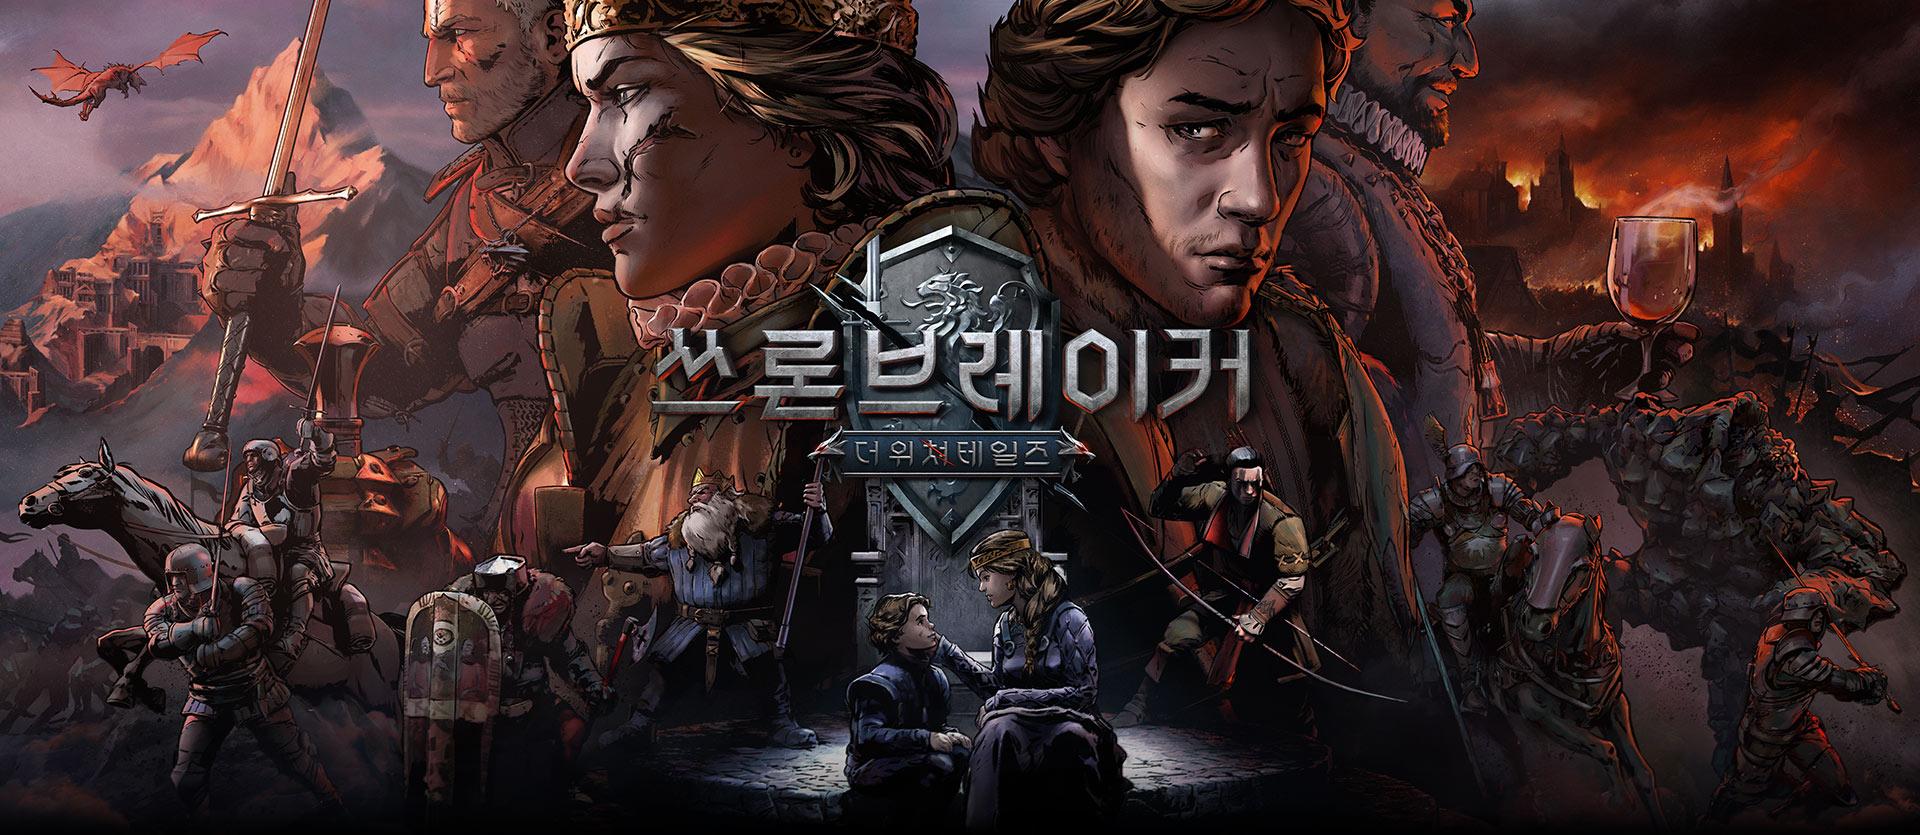 쓰론브레이커: 양쪽에 자리잡은 두 군대와 각 리더가 만화책 스타일로 표현된 더 위쳐 테일즈 이미지